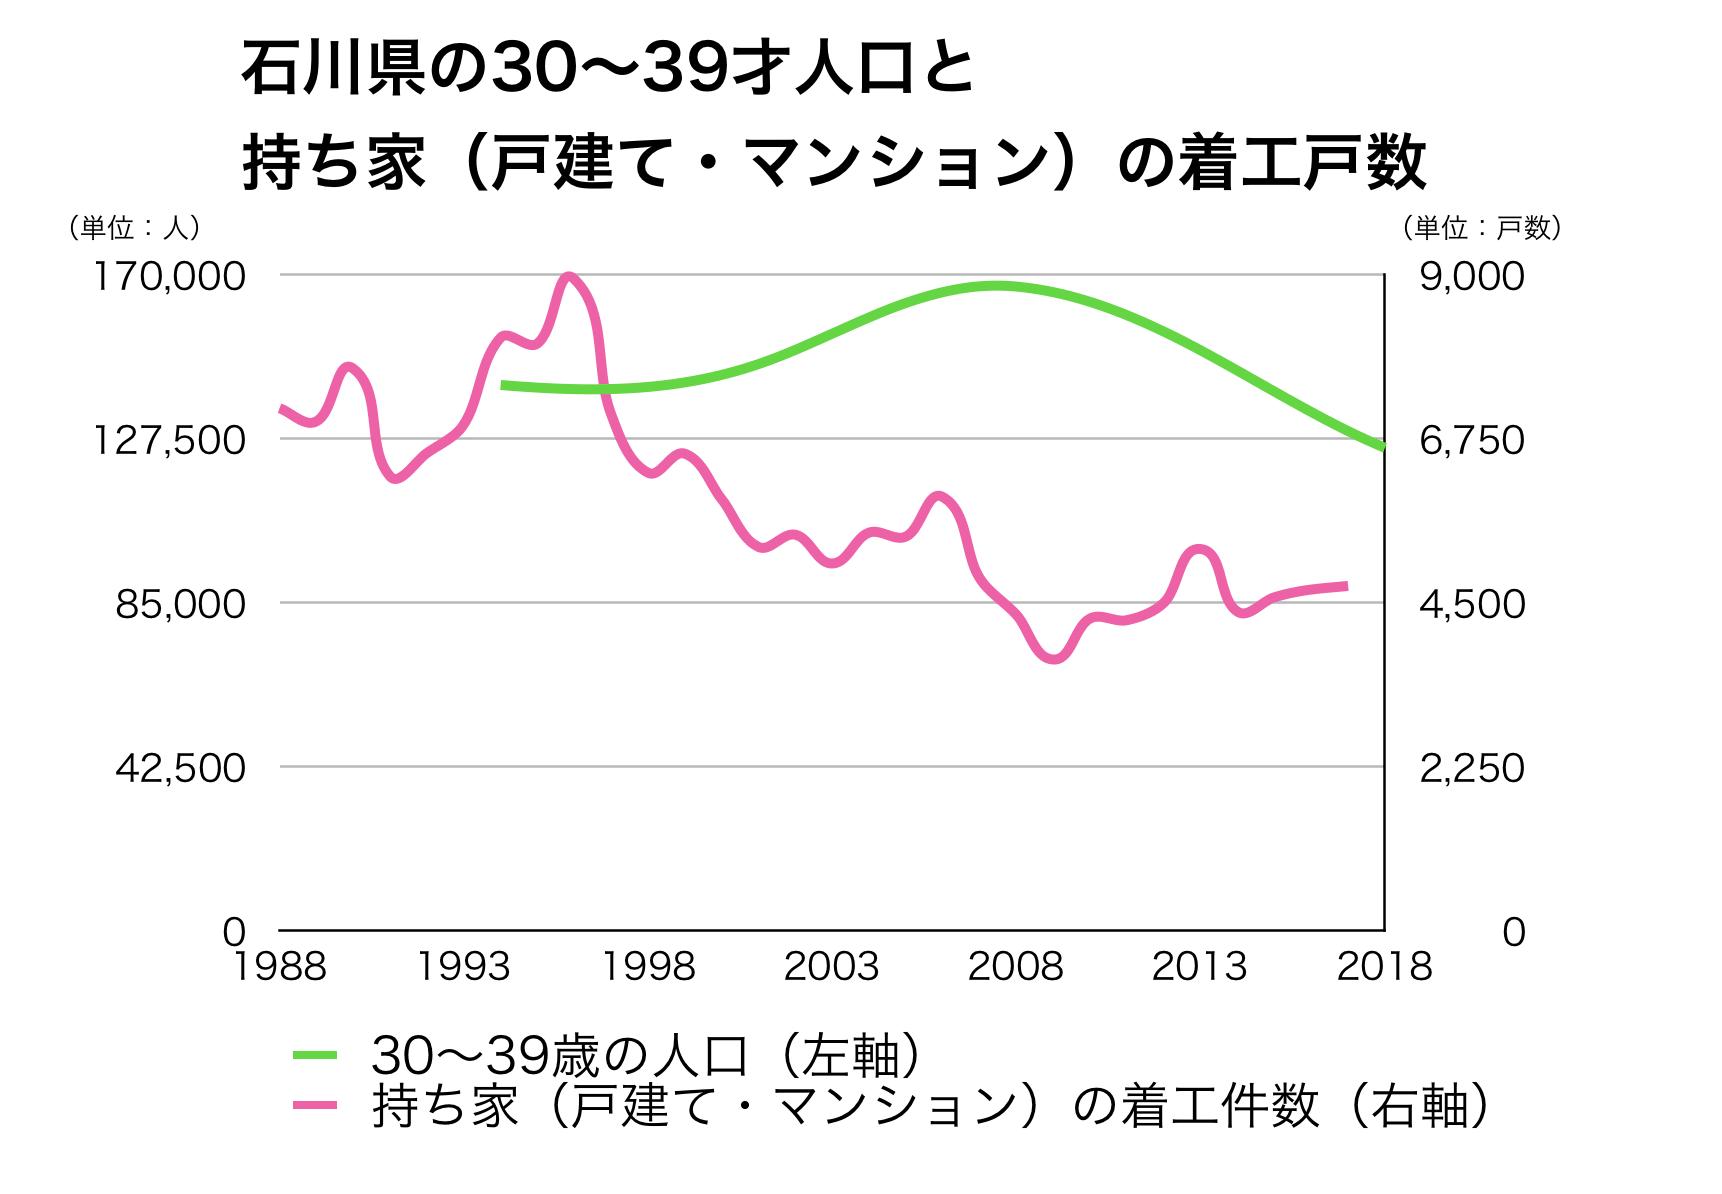 石川県の30代人口と新設戸数